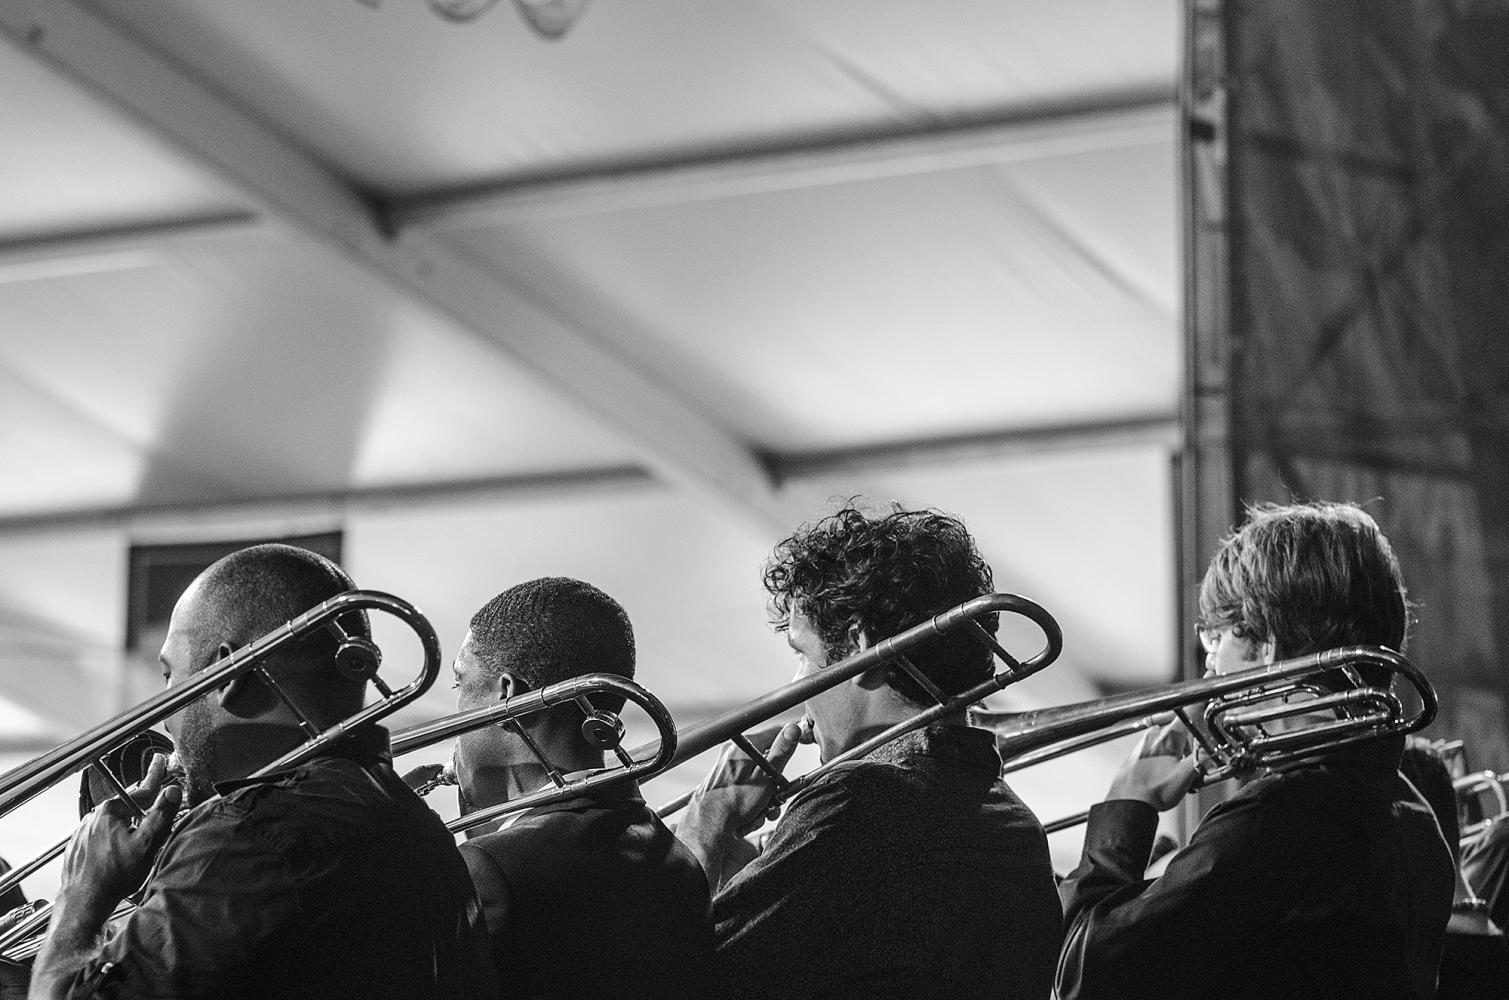 The Jesse McBride Big Band at Jazz Fest